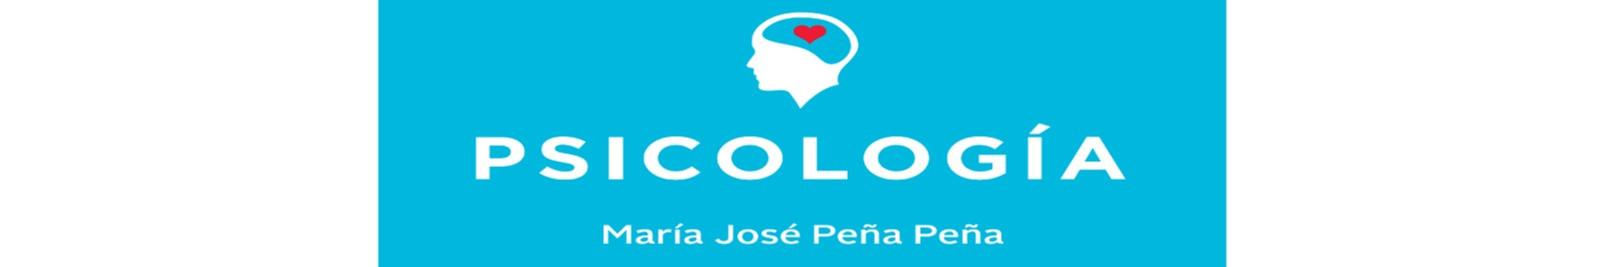 Psicología María José Peña Peña